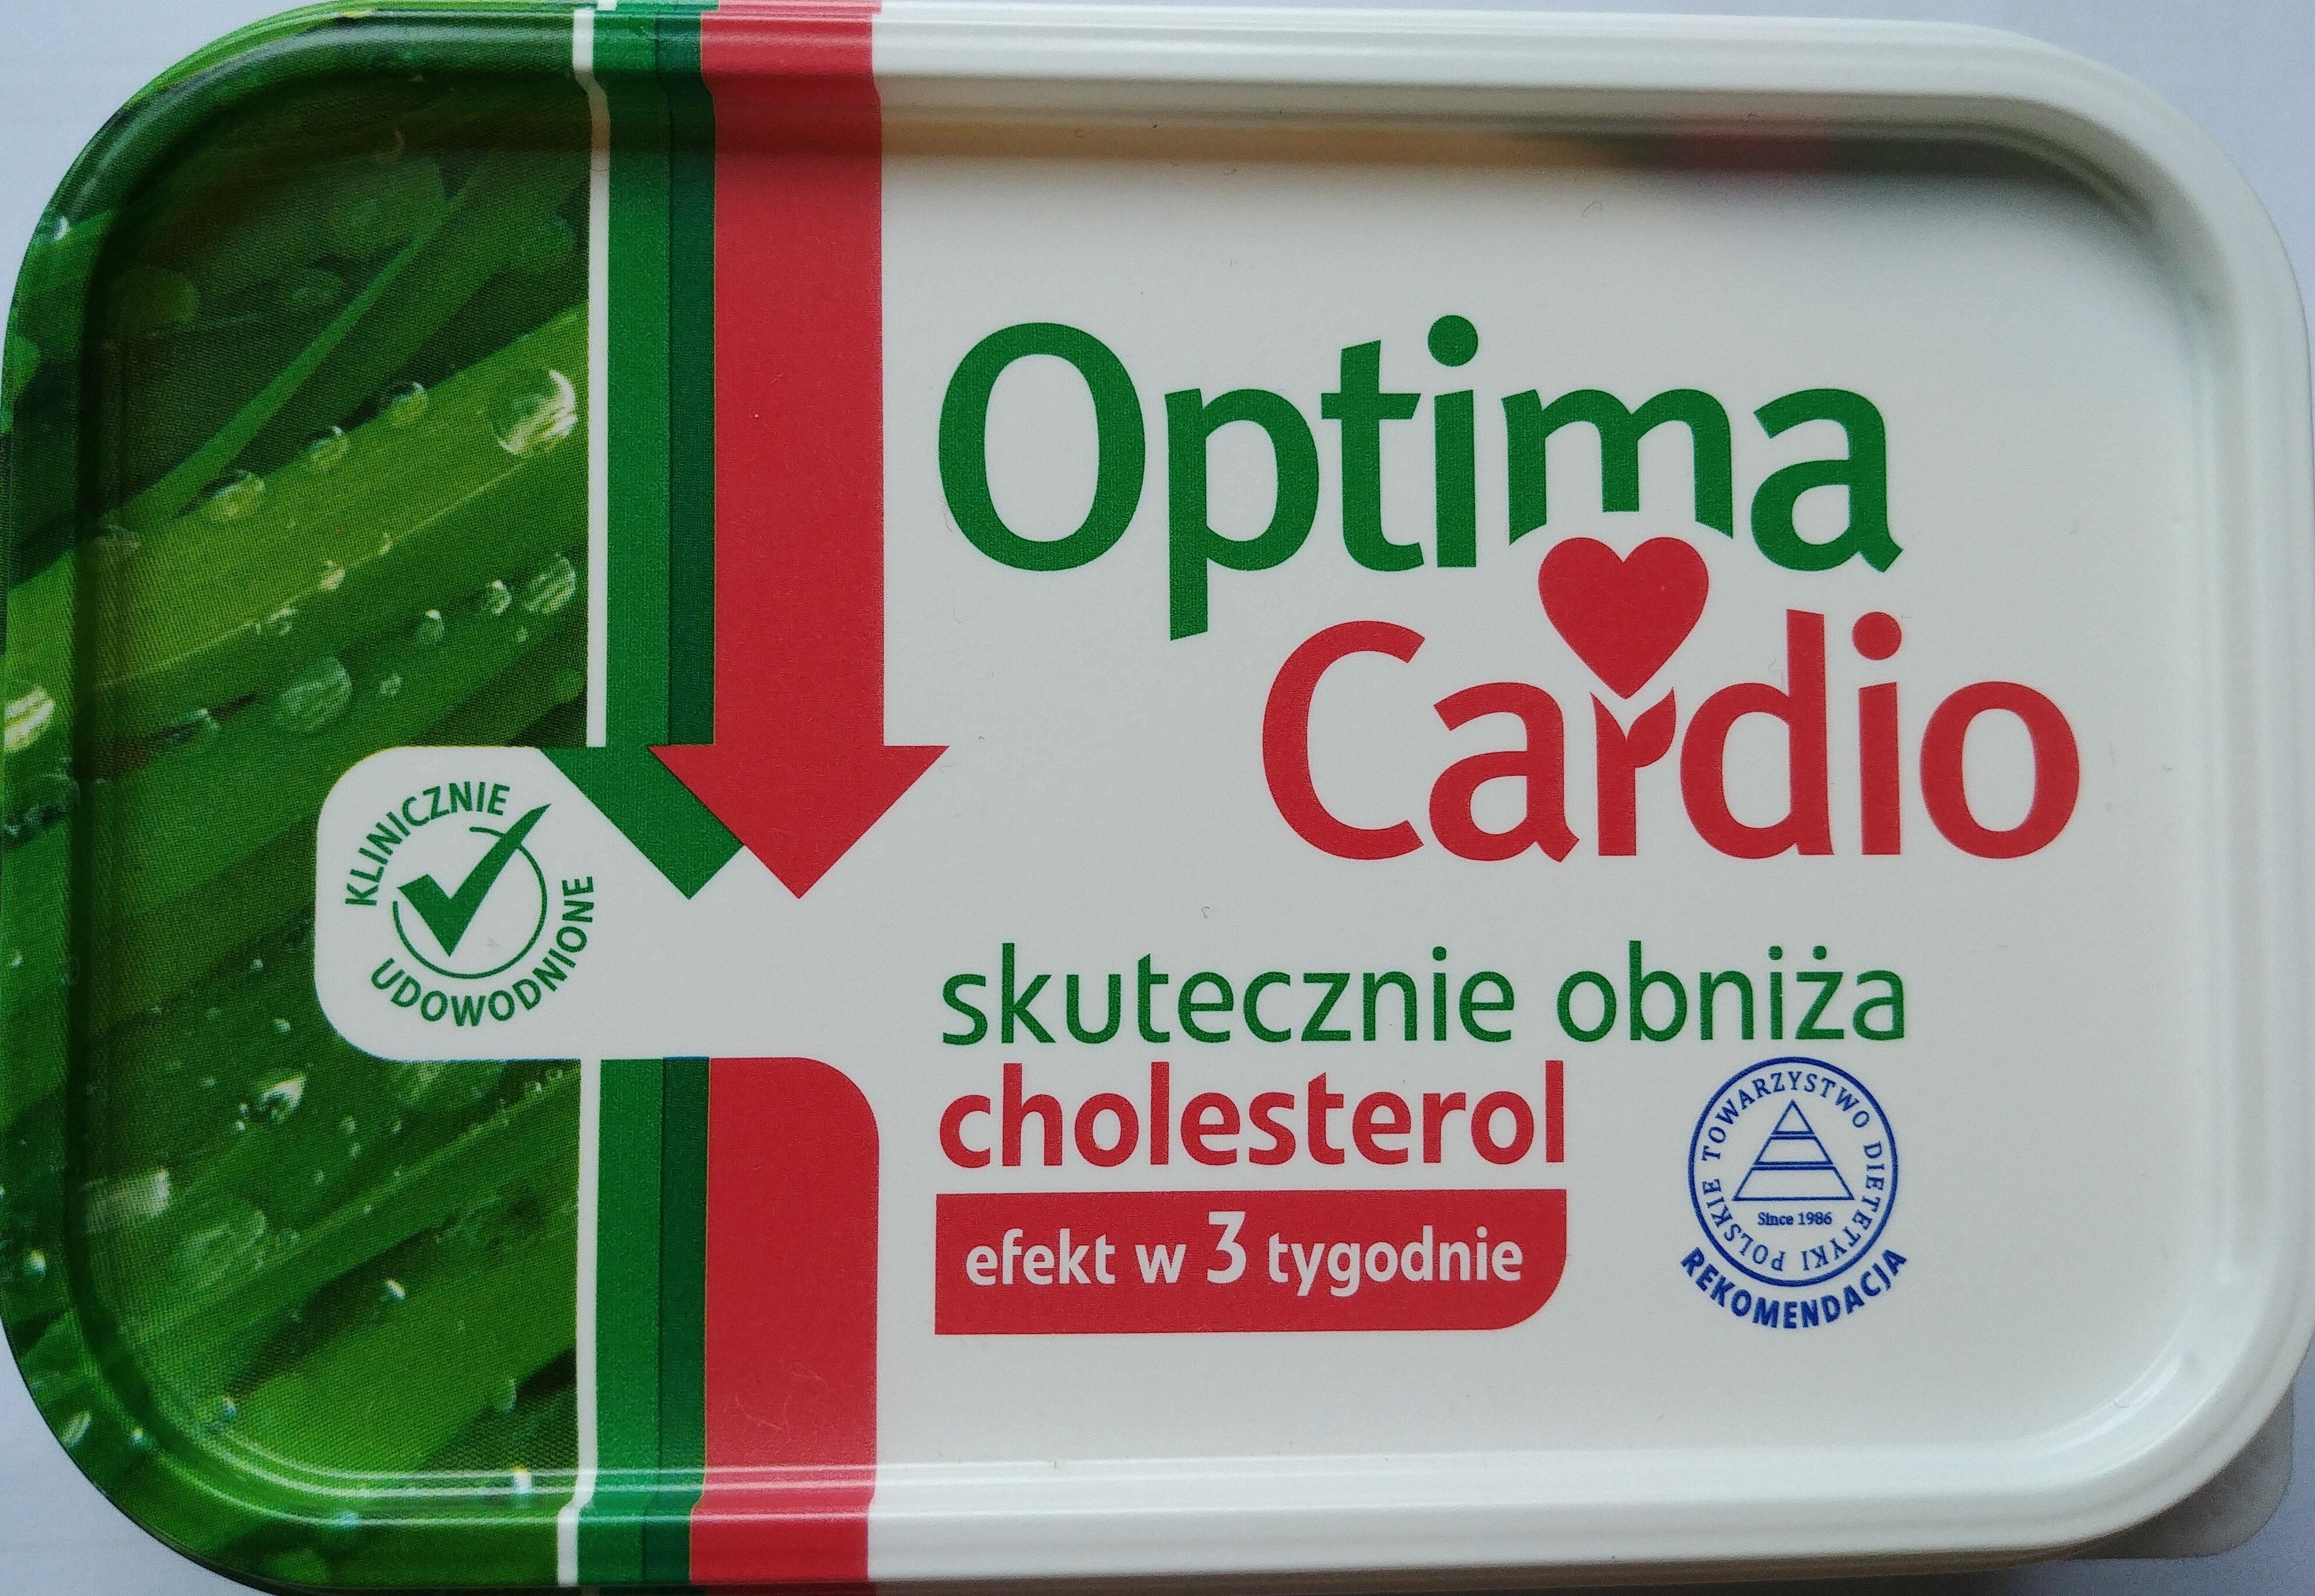 Optima Cardio - margaryna roślinna - Produkt - pl